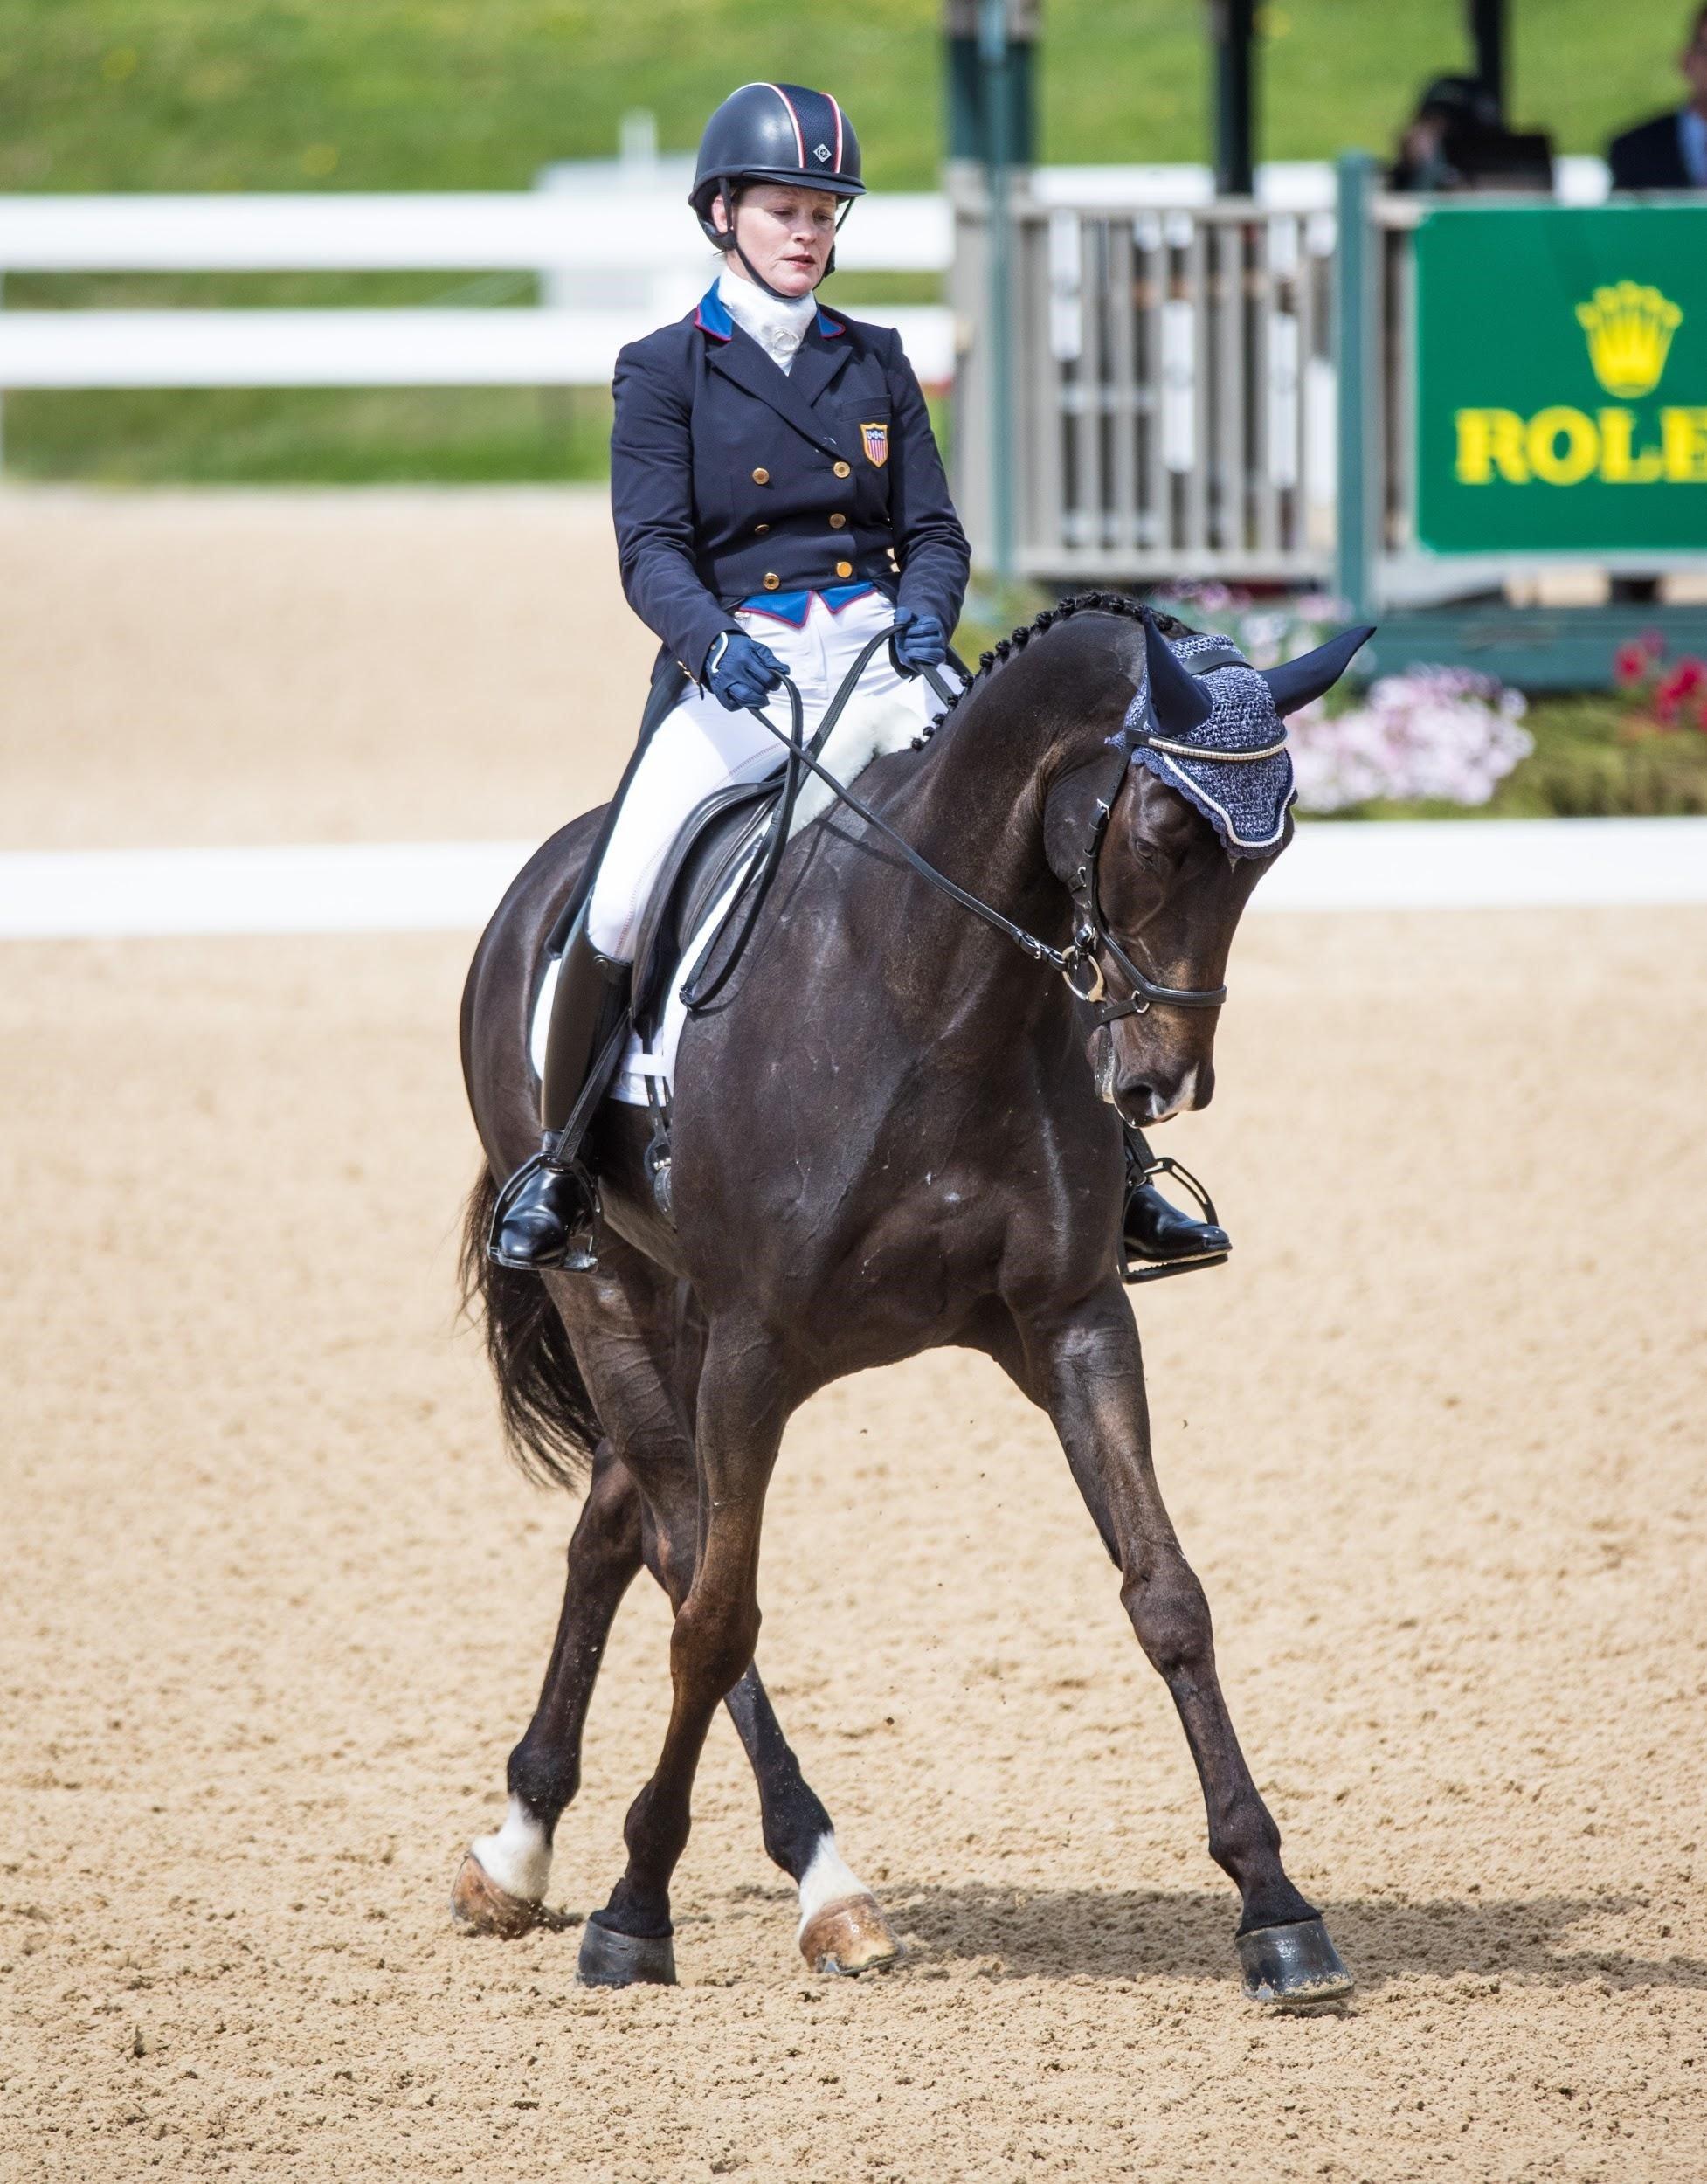 Success Equestrian Rider Kim Severson